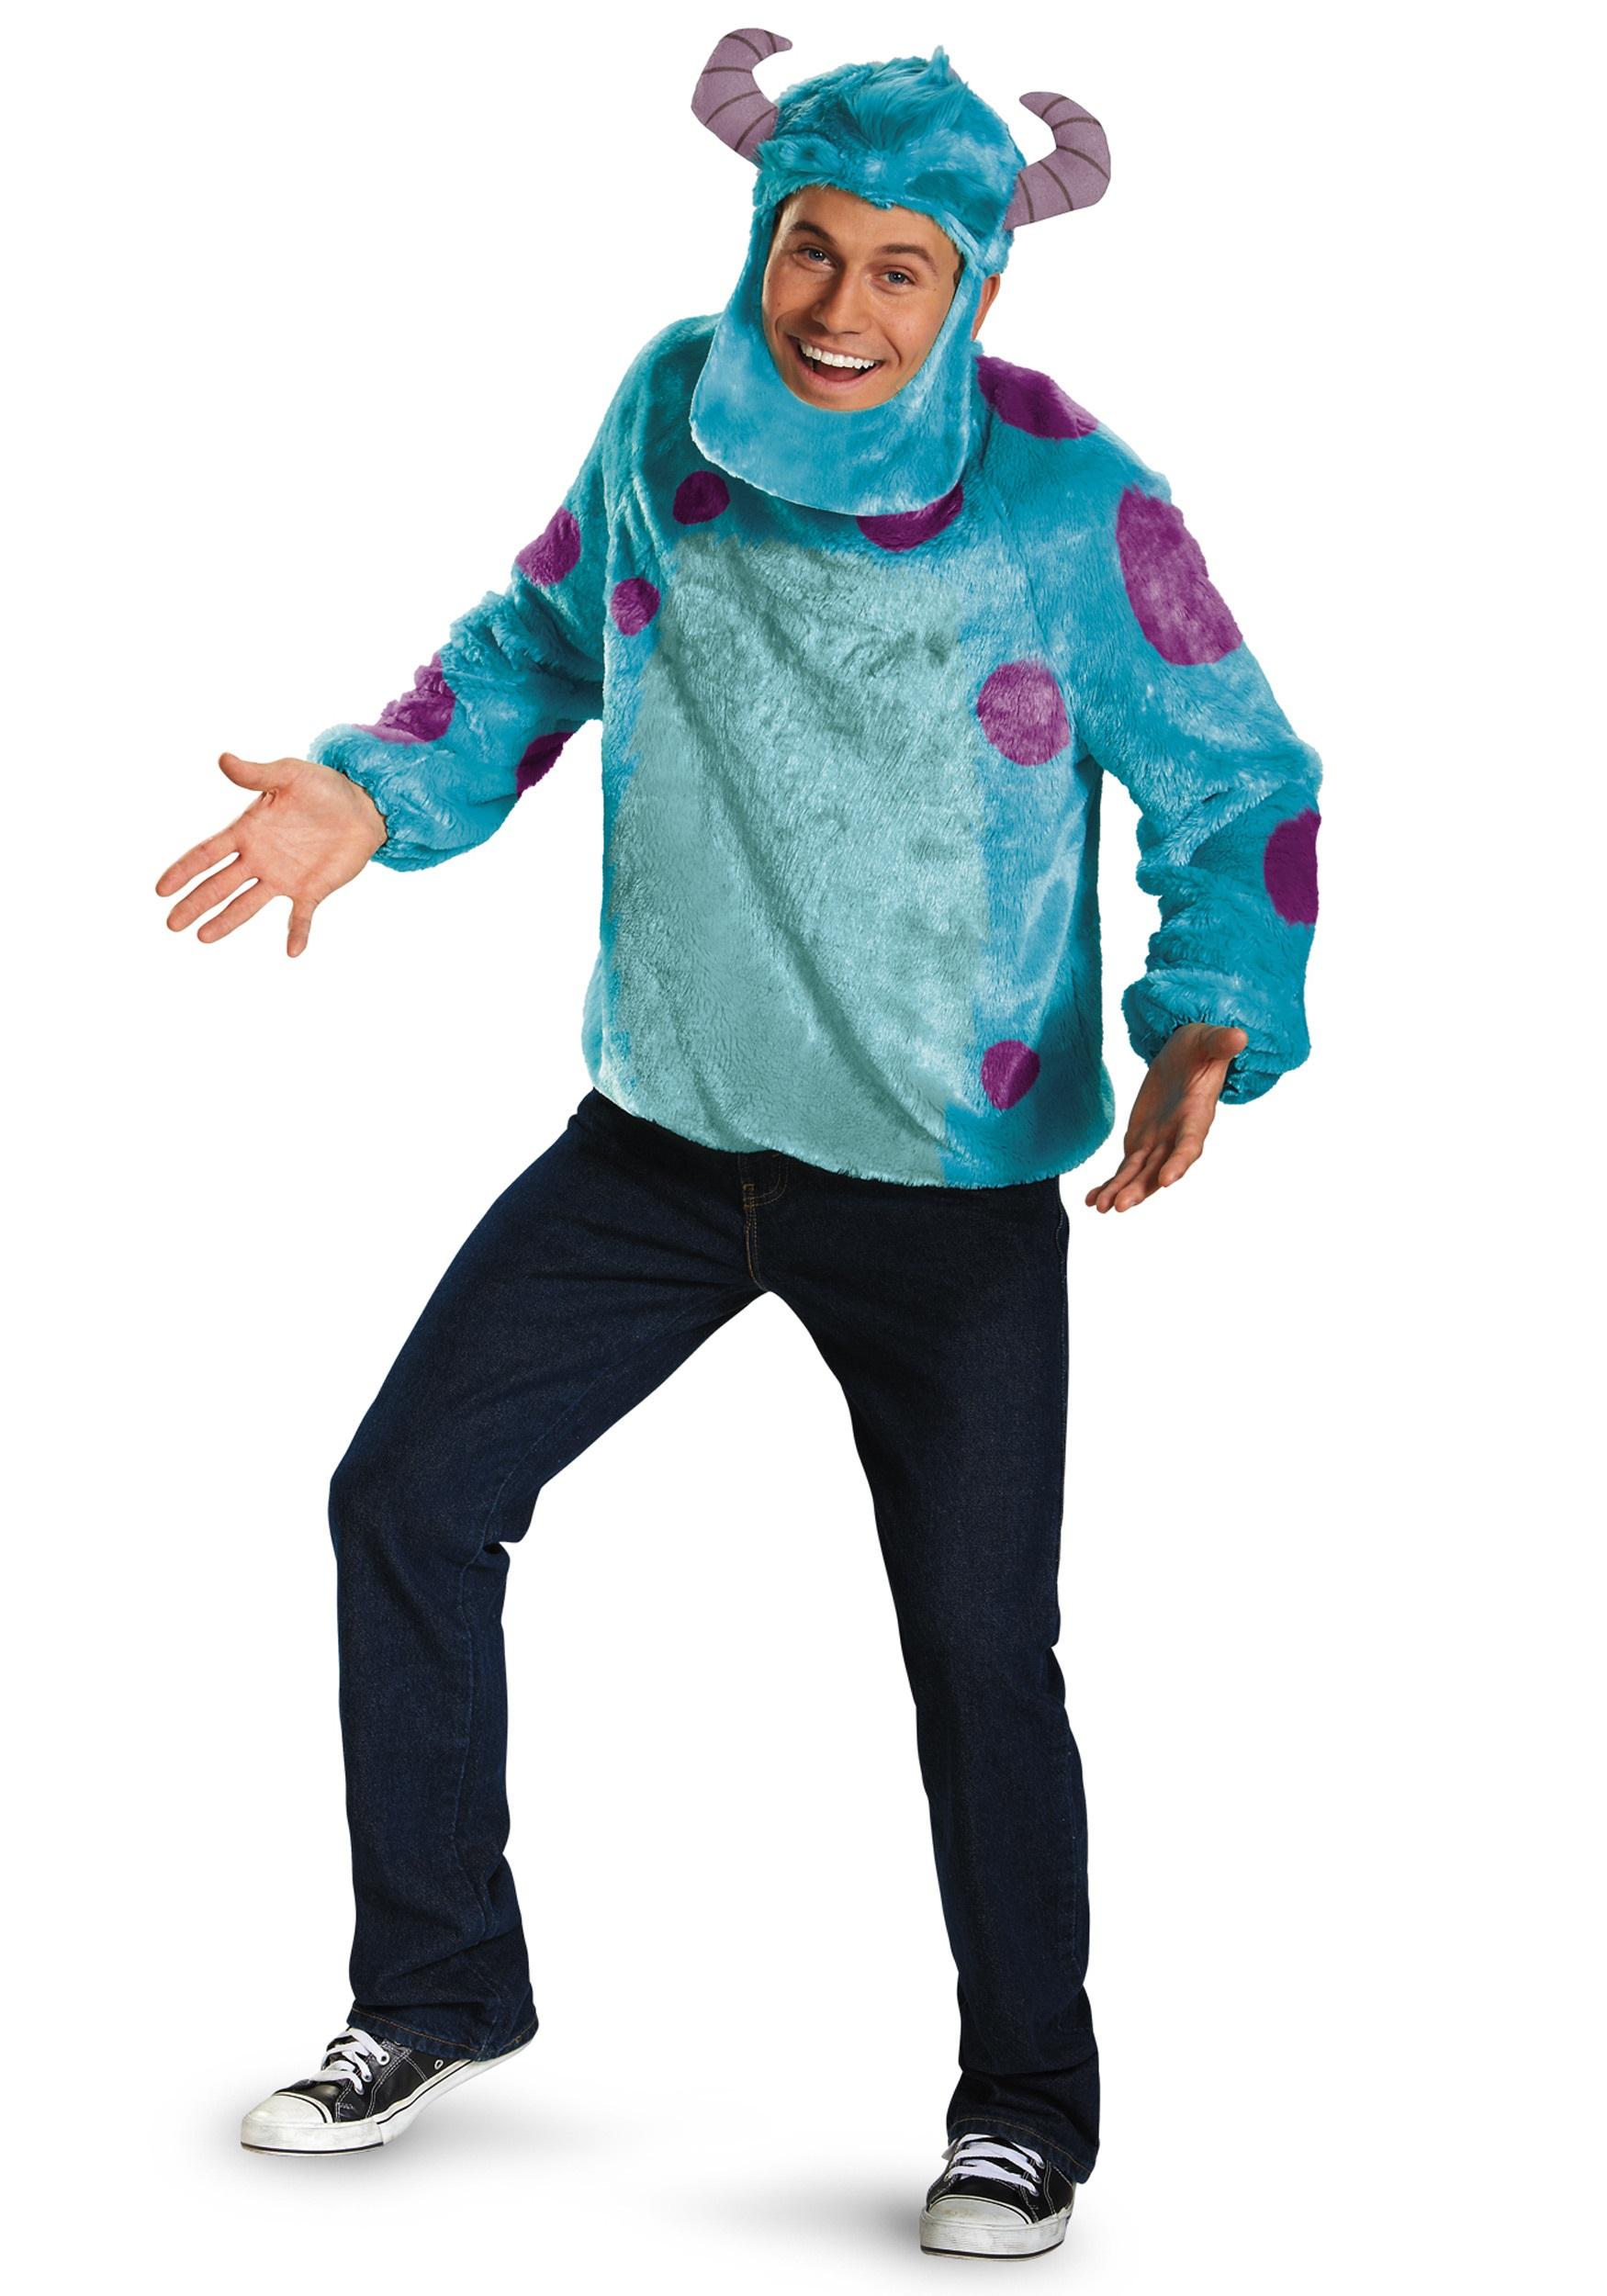 79dba9b2a9da Monsters Inc Plus Size Deluxe Sulley Costume